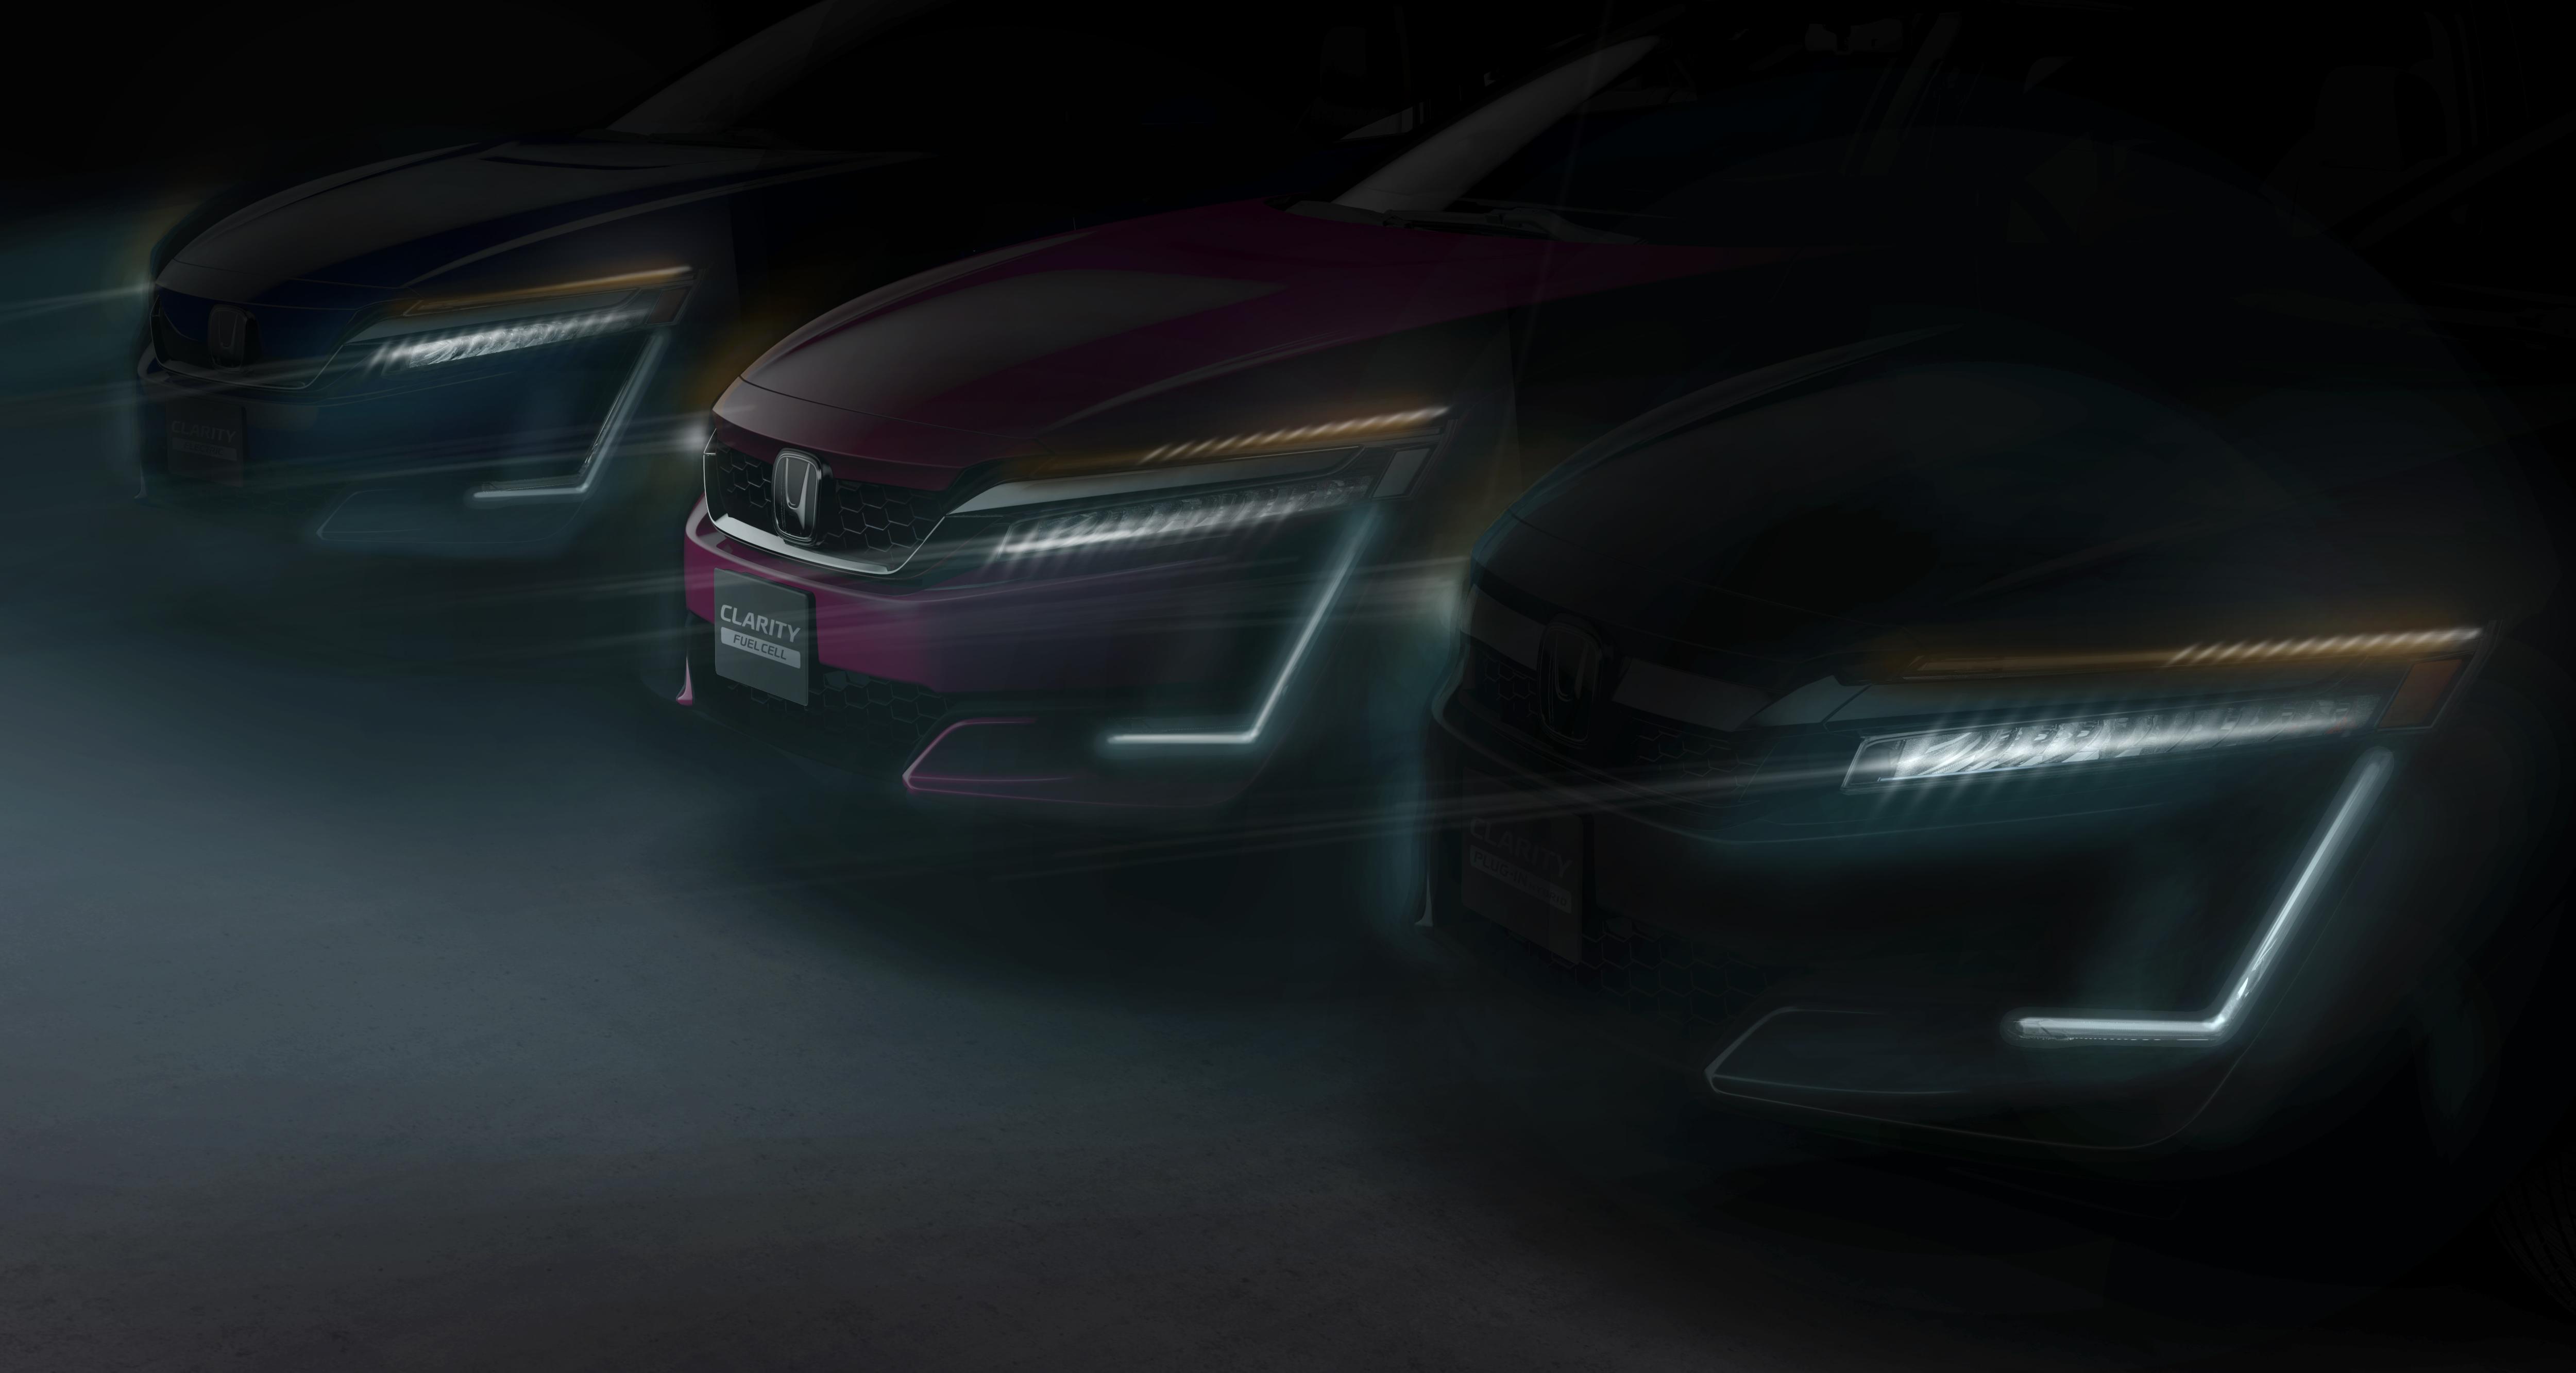 Honda Clarity Family